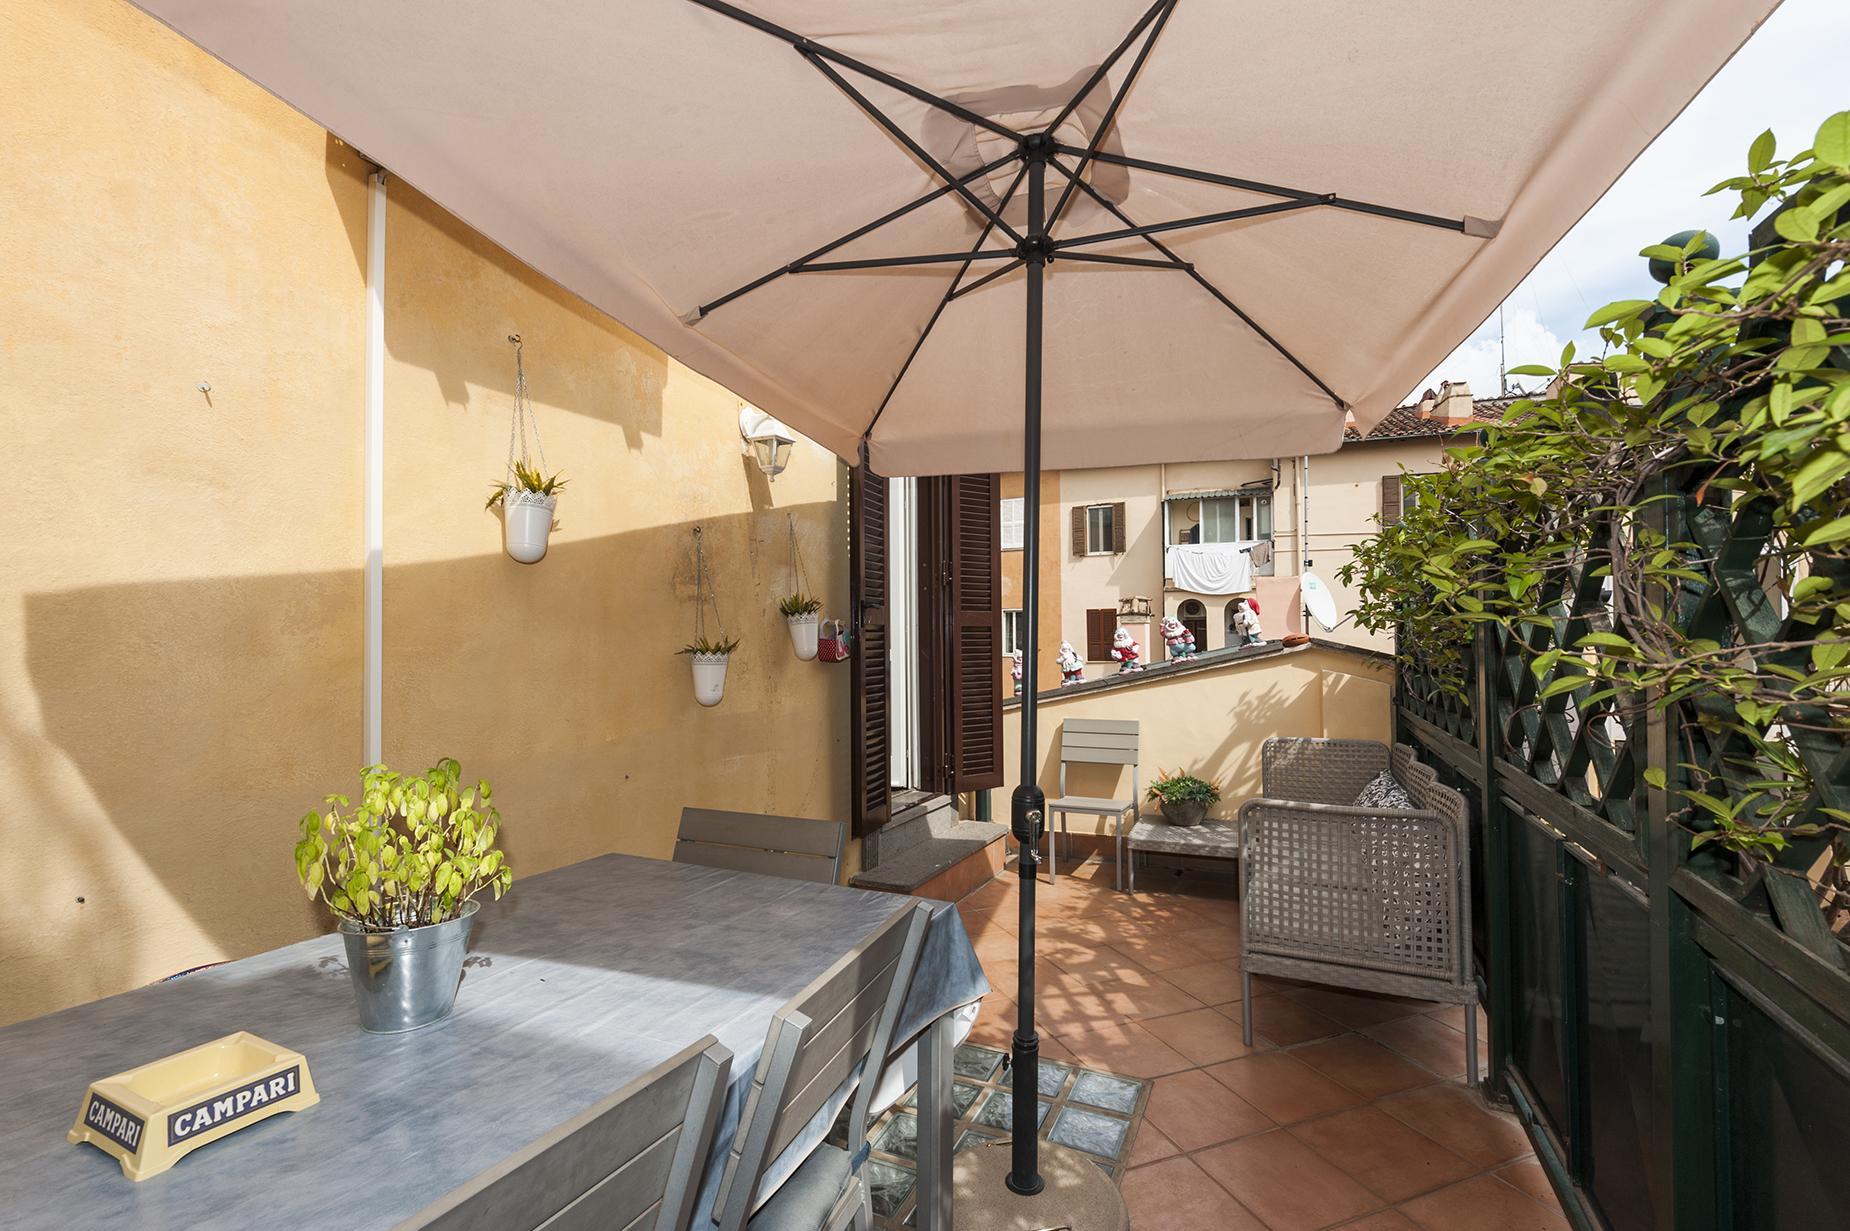 Appartamento in Affitto a Roma vico vicolo scavolino